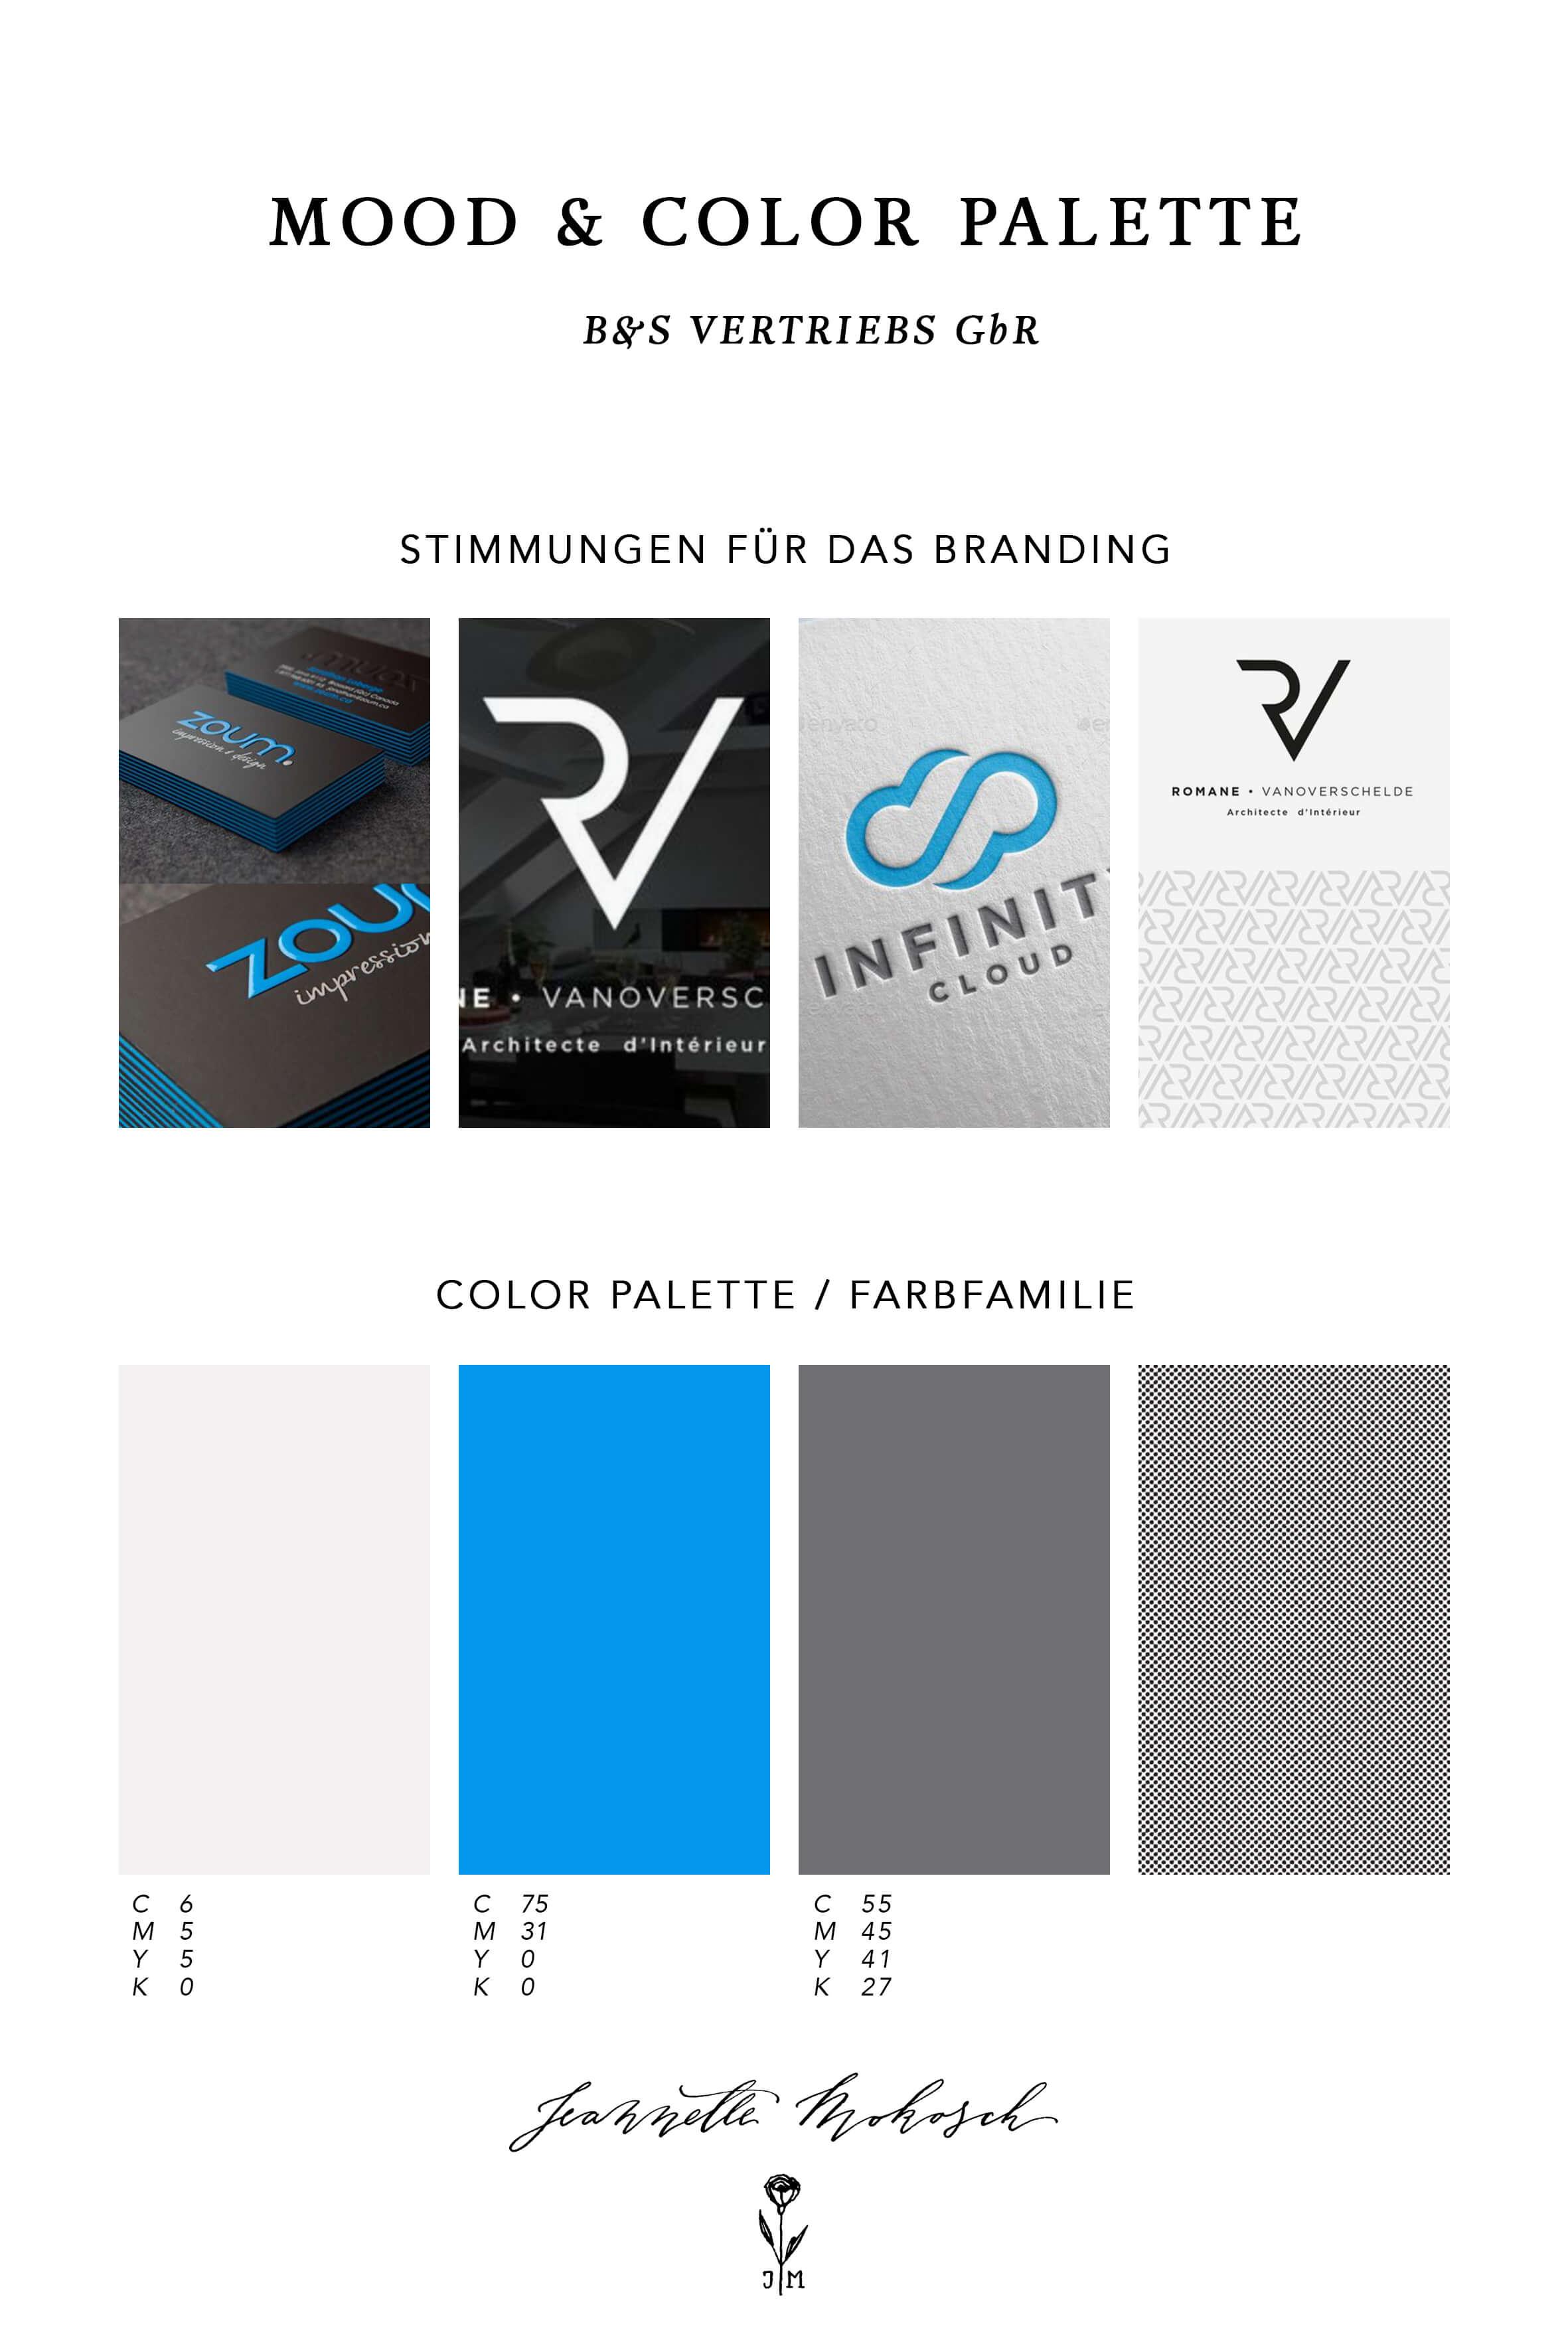 Logo Logodesign Kalligraphie Kalligrafie Hand Lettering Branding Brand Calligraphy Handschrift Brush Lettering Mood Board